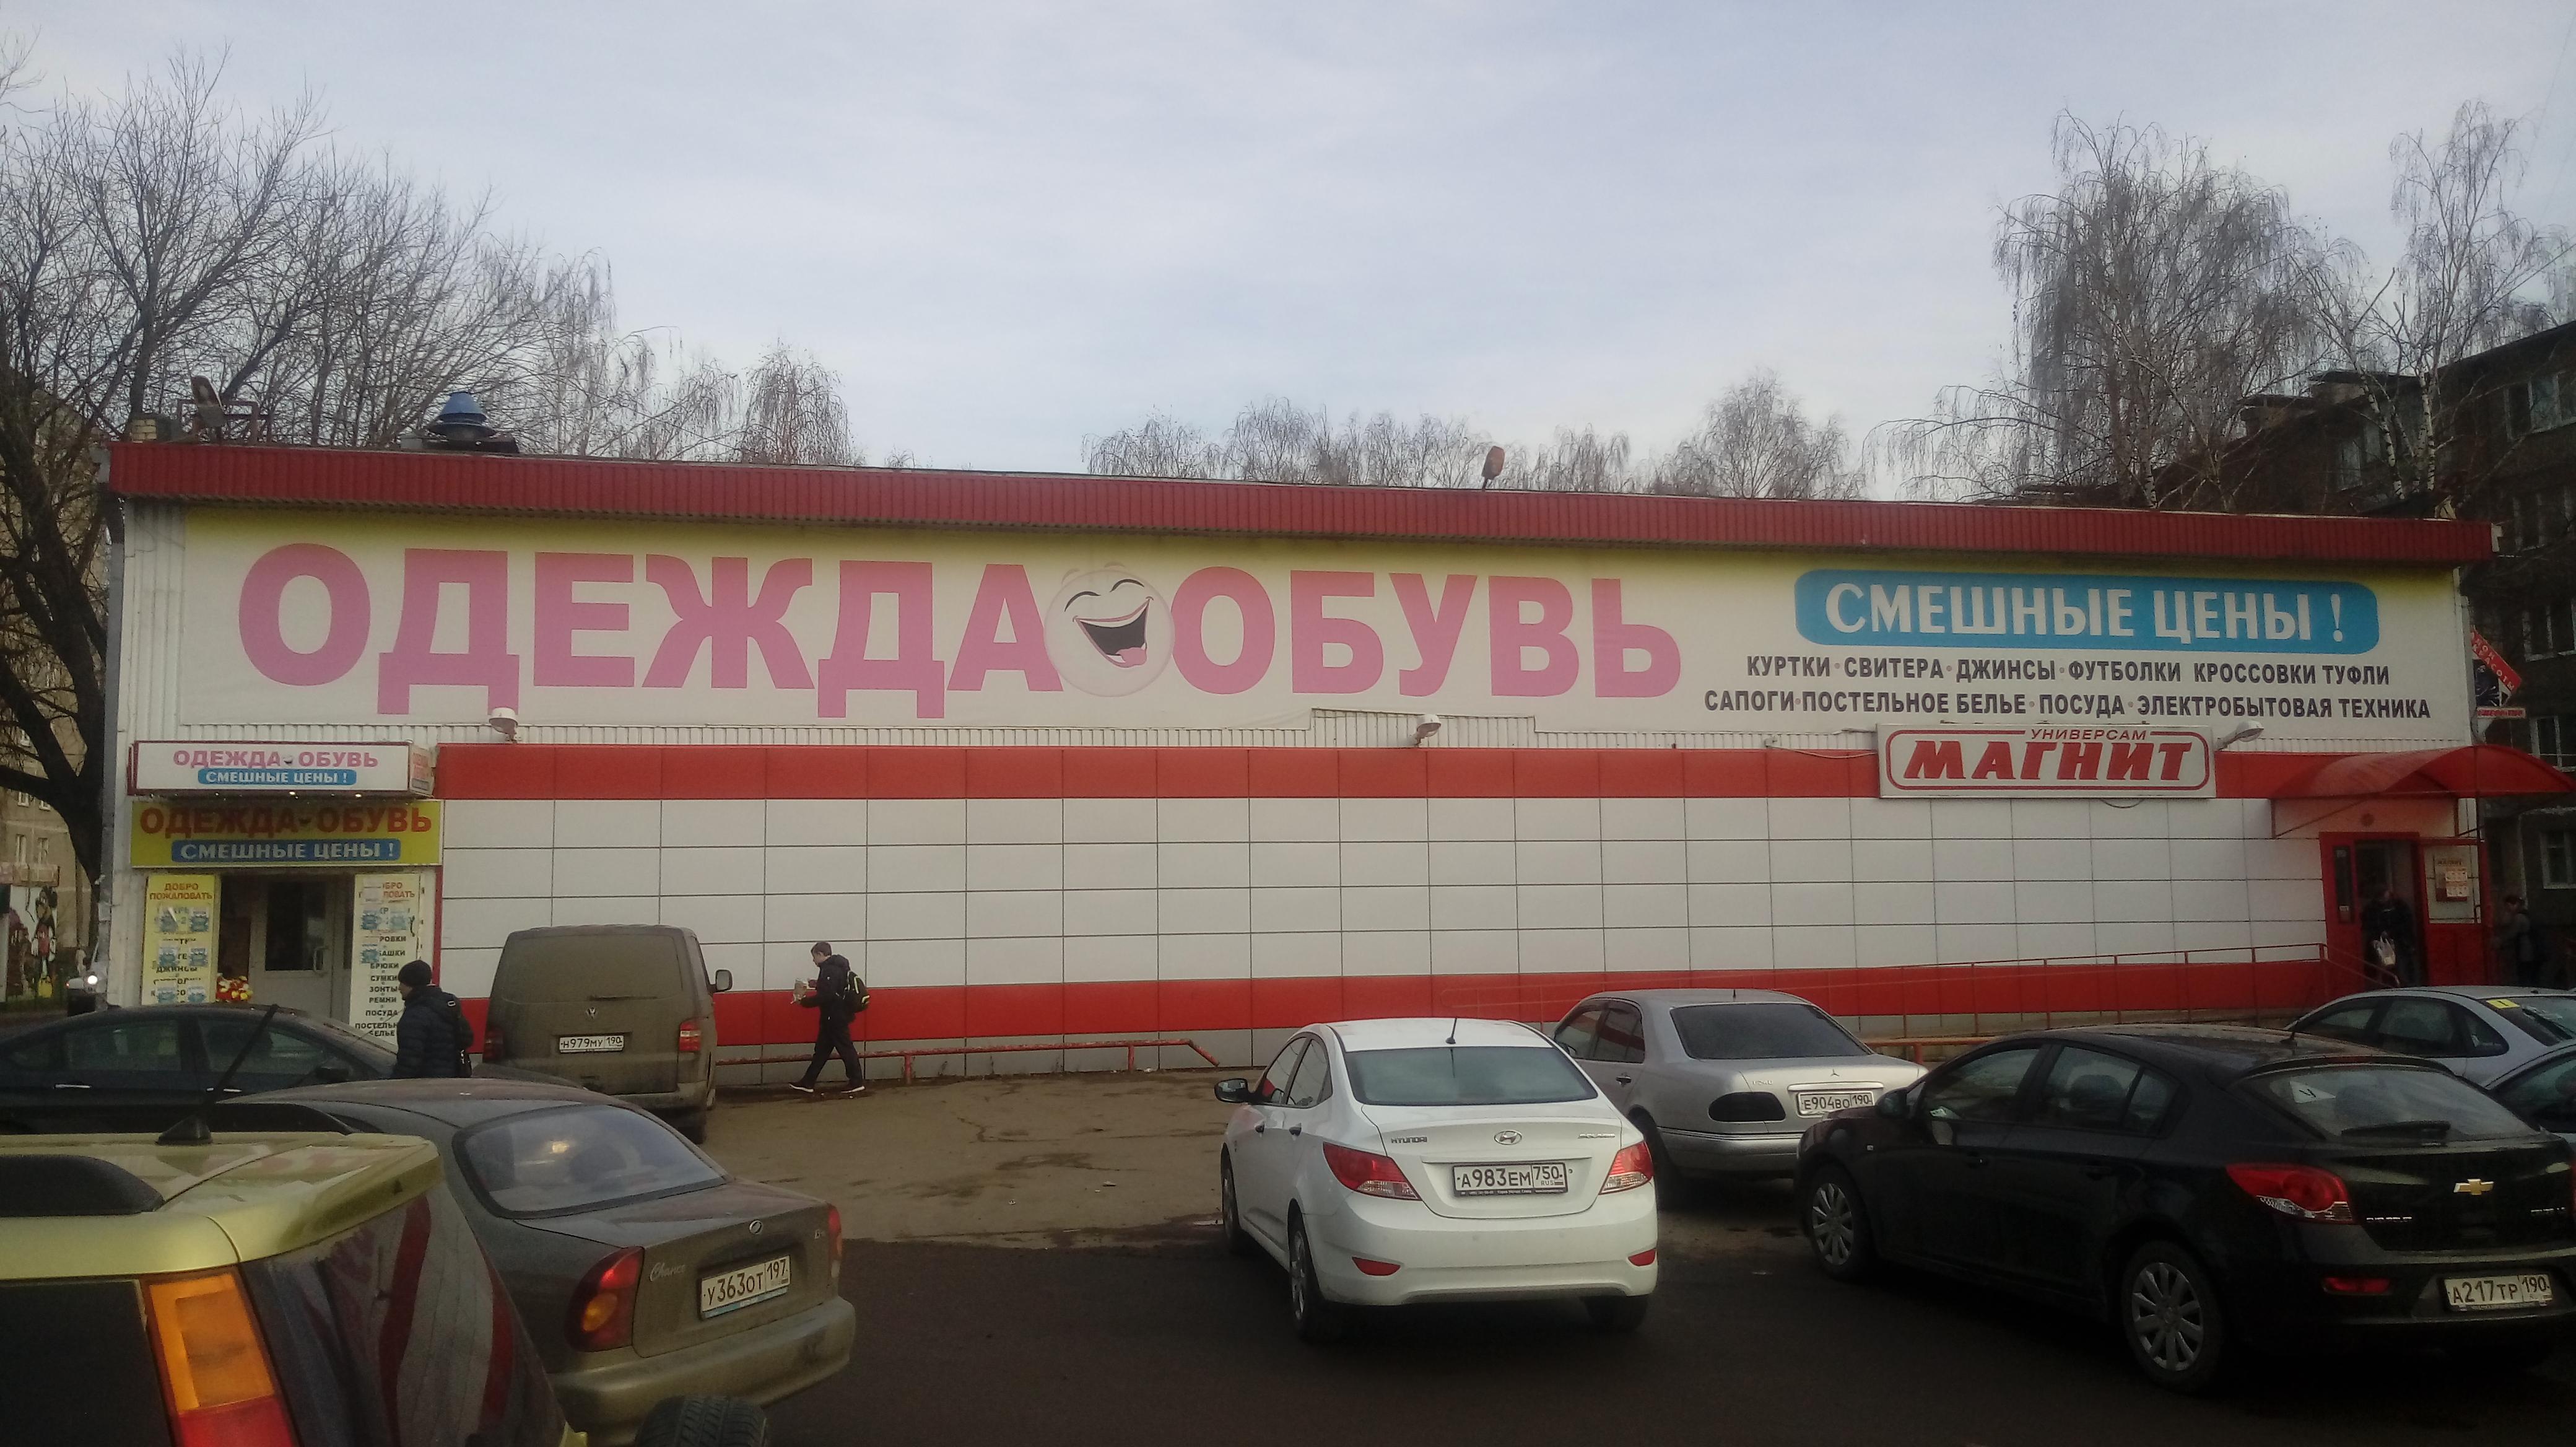 Помещение в аренду в Подольске на ул. Юбилейная